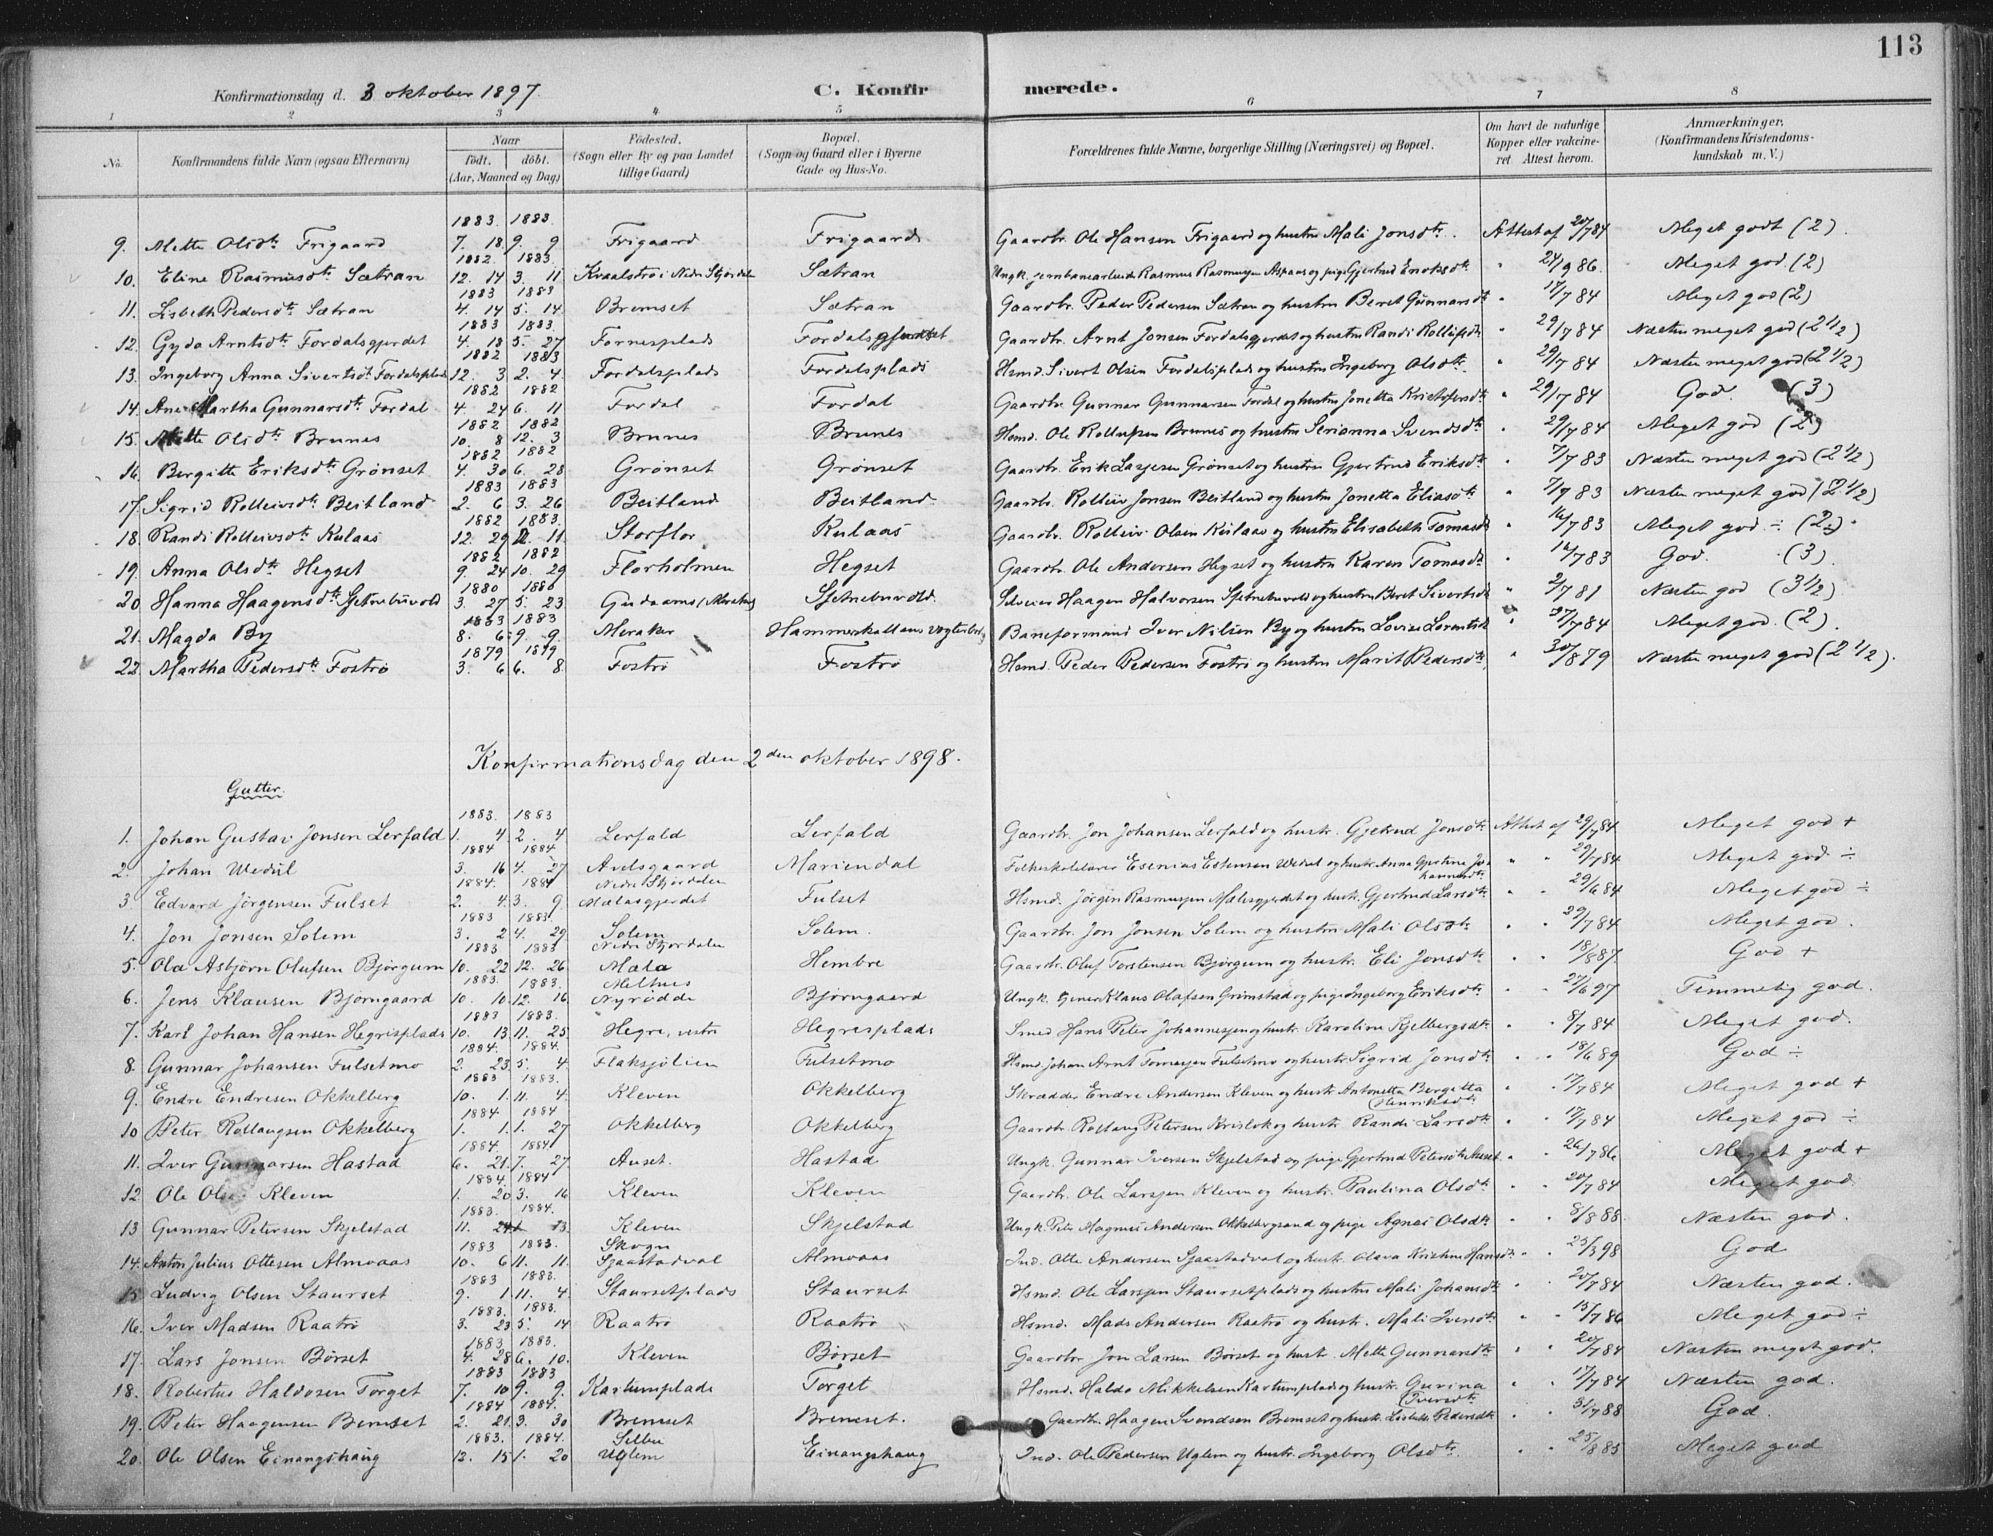 SAT, Ministerialprotokoller, klokkerbøker og fødselsregistre - Nord-Trøndelag, 703/L0031: Ministerialbok nr. 703A04, 1893-1914, s. 113